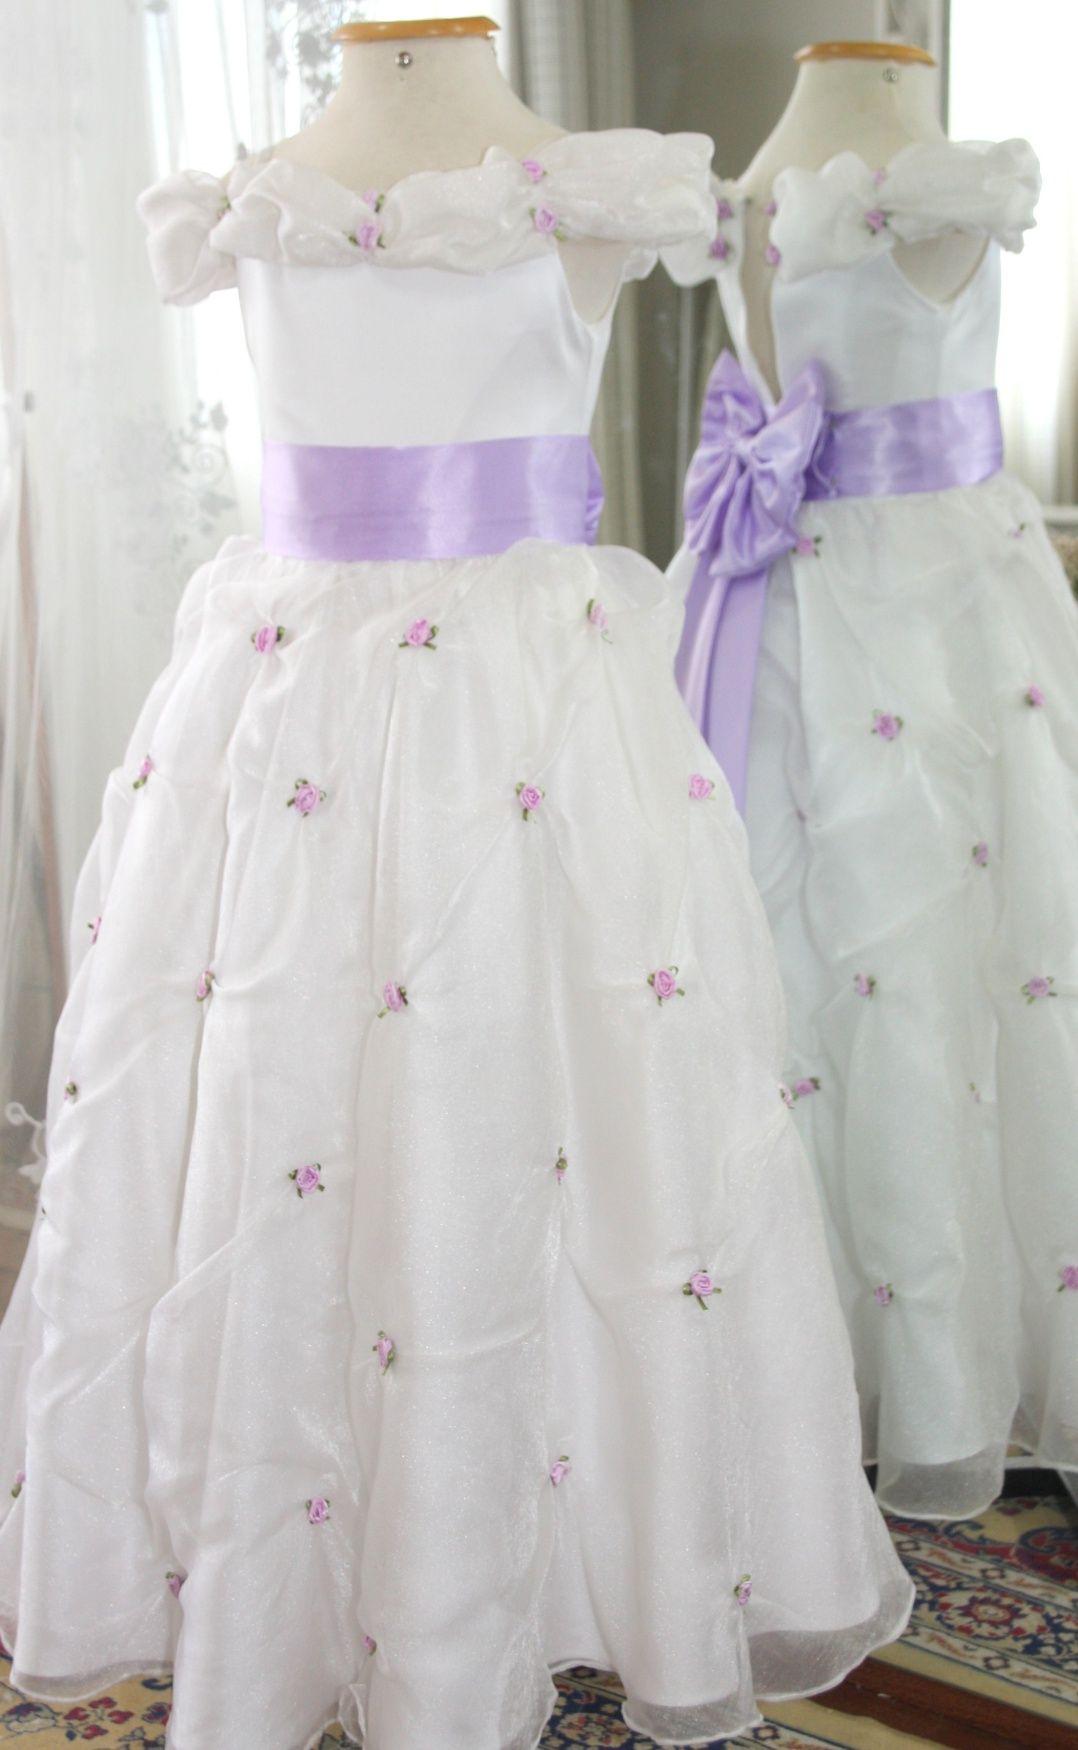 Vestidos para Daminha - 135 - Hipnose Alta Costura e Spa para Noivas e Noivos - Campinas - SP Vestido de Daminha, Vestido para Daminha de Casamento, Hipnose Alta Costura